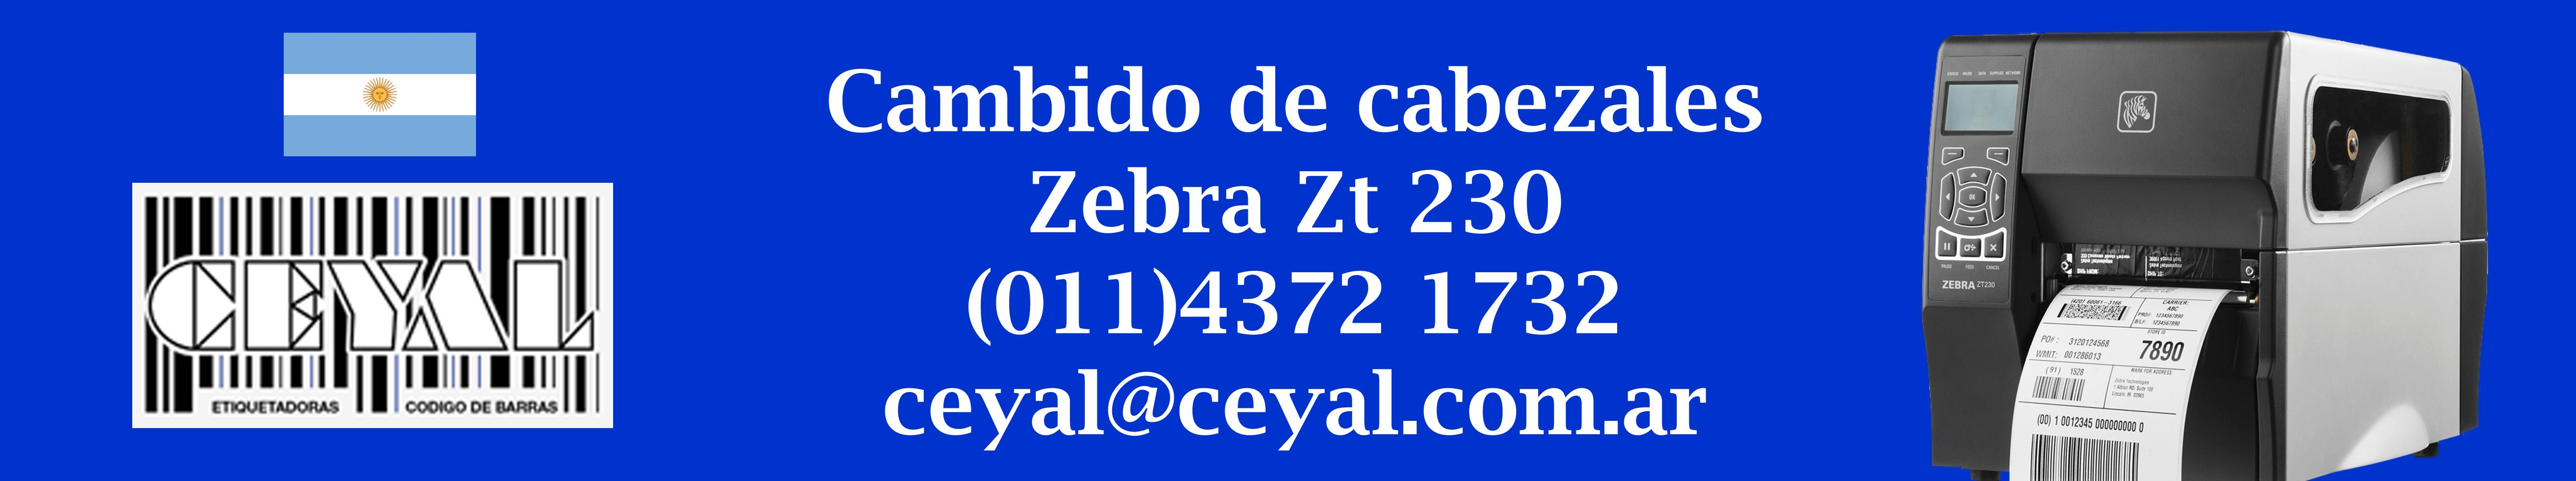 cambio de cabezales impresora zt 230